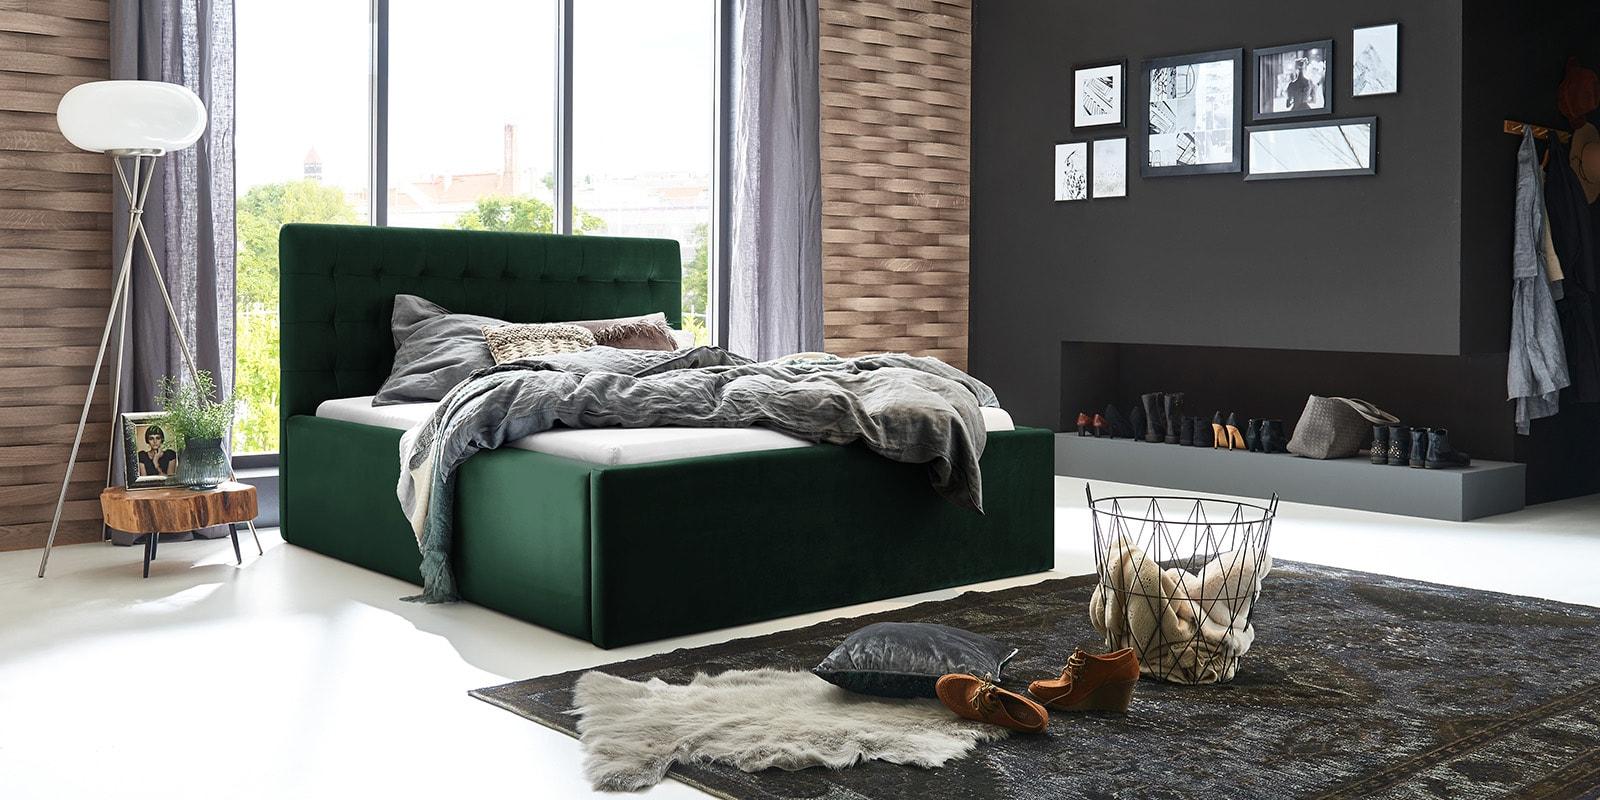 Moebella24 - Bett - mit - Bettkasten - Molly - Samt - Smaragd - Stauraum - Bettkasten - und - Lattenrost - vormontiert - verstärkte - Dämpfer - Von - vorne - links